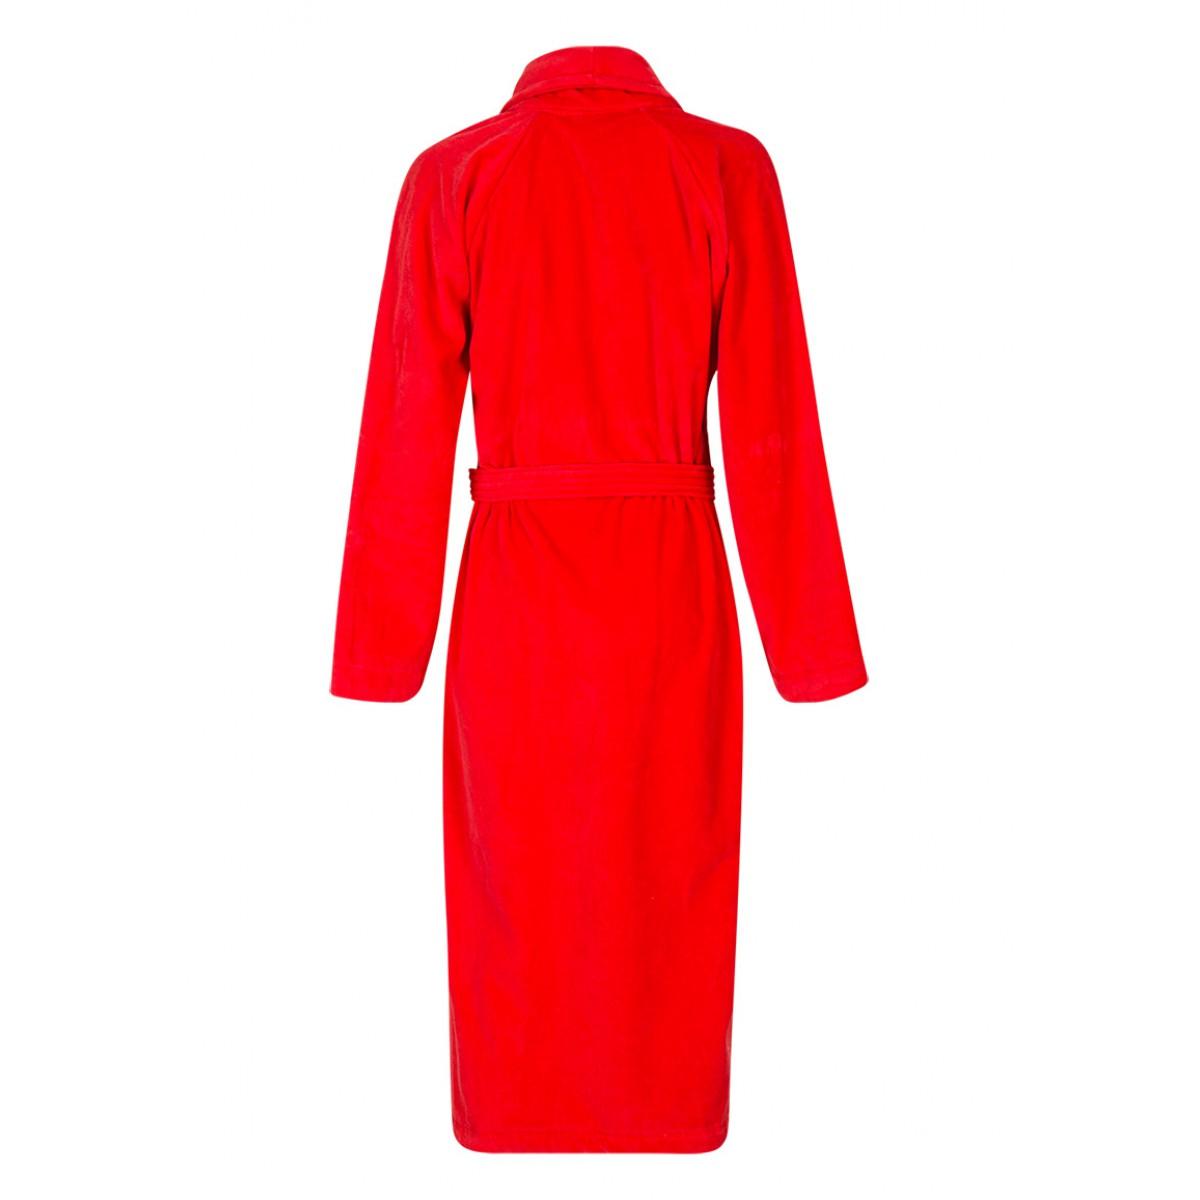 rode badjas kopen